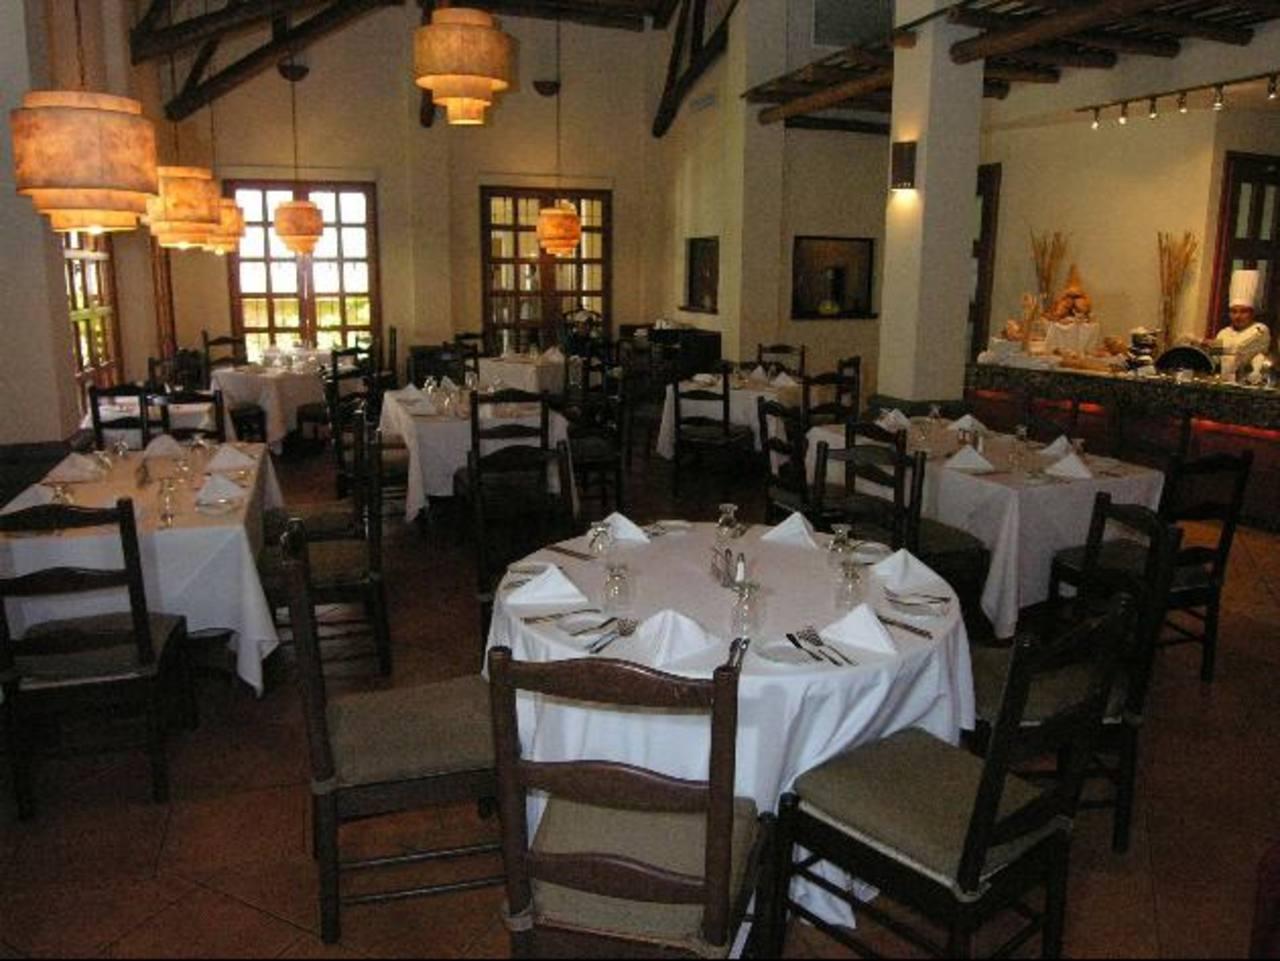 La mayor inversión será realizada por el Hotel Quality para amplia r su restaurante. Foto EDH /Archivo